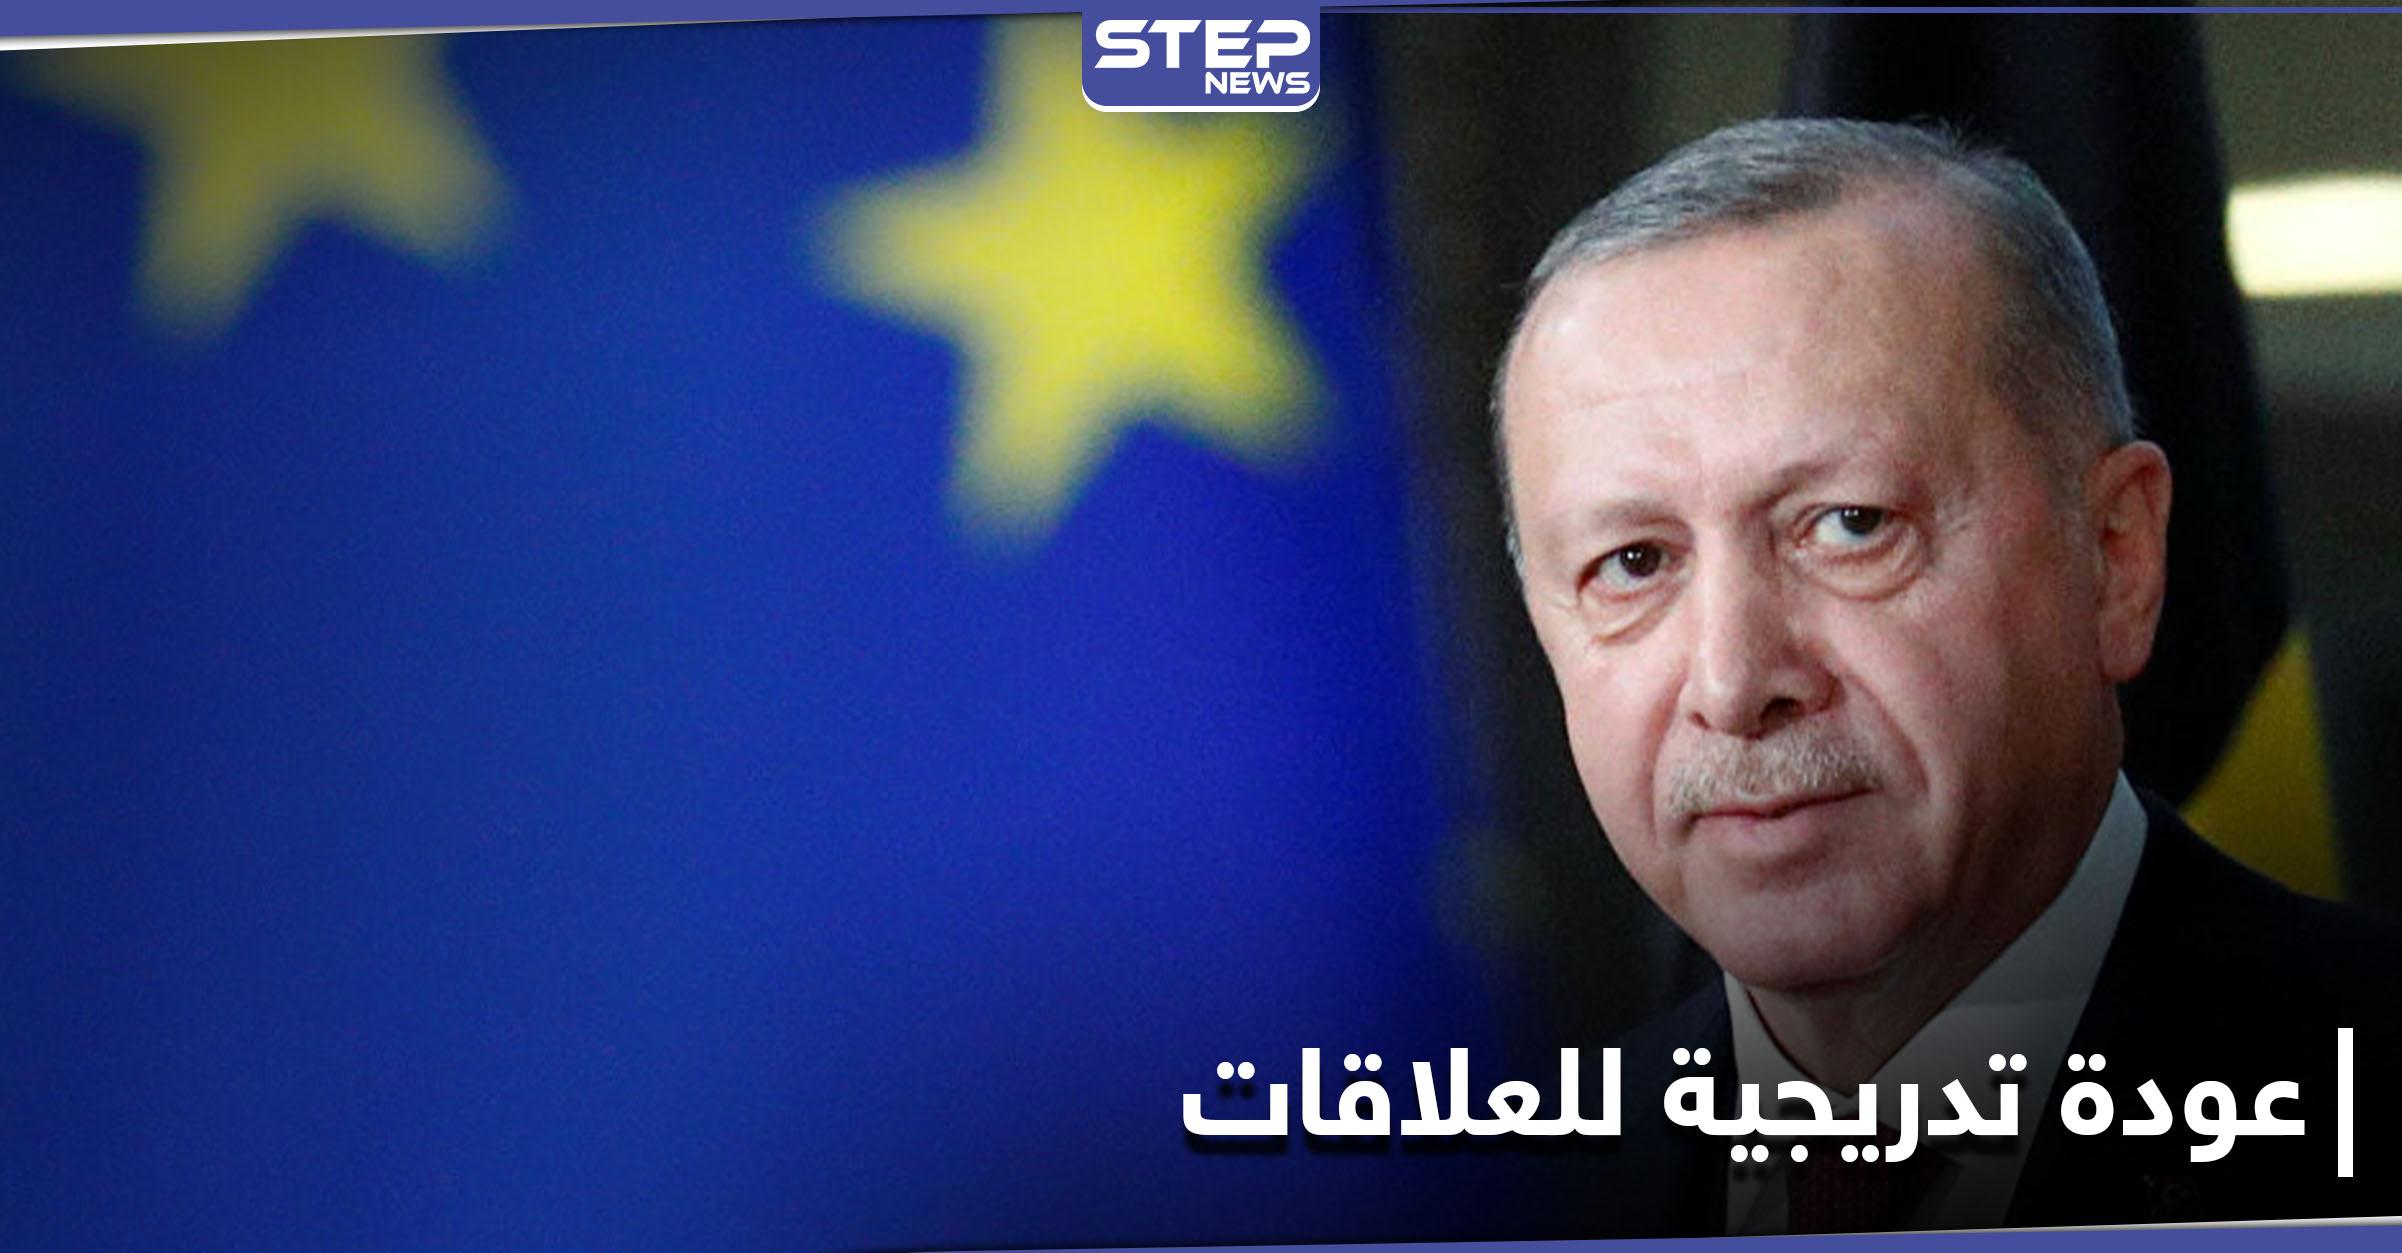 """أوروبا تعرض غداً """"شروطها"""" على أردوغان قبل استئناف العلاقات الاقتصادية"""